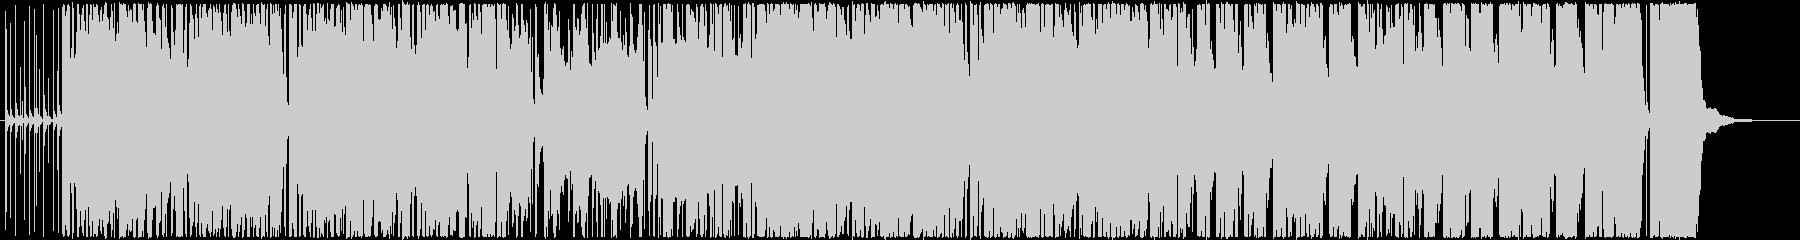 アイリッシュ、ケルト風の笛メインの曲の未再生の波形